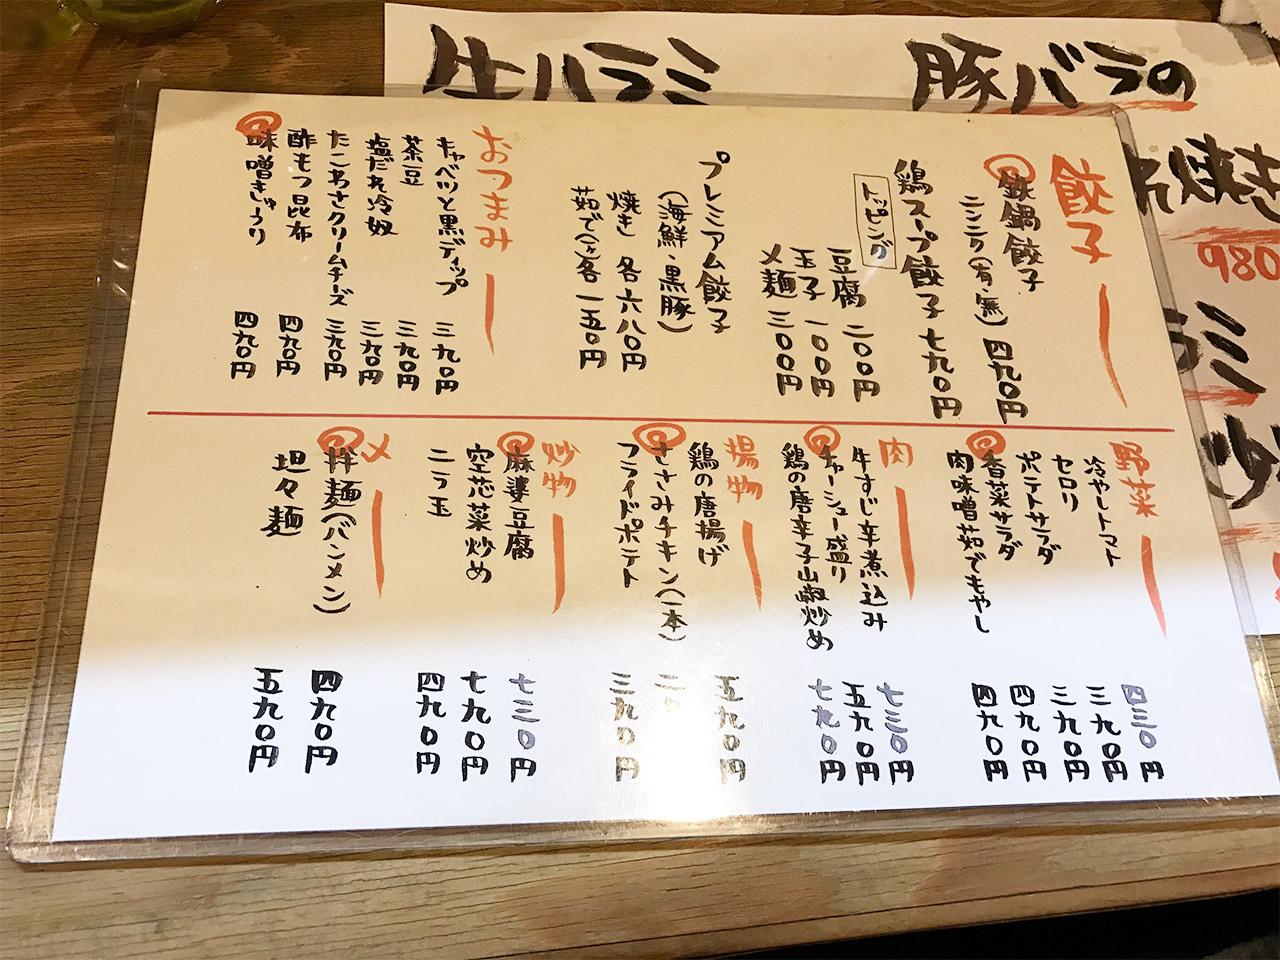 ebisu-67-gyouza-menu